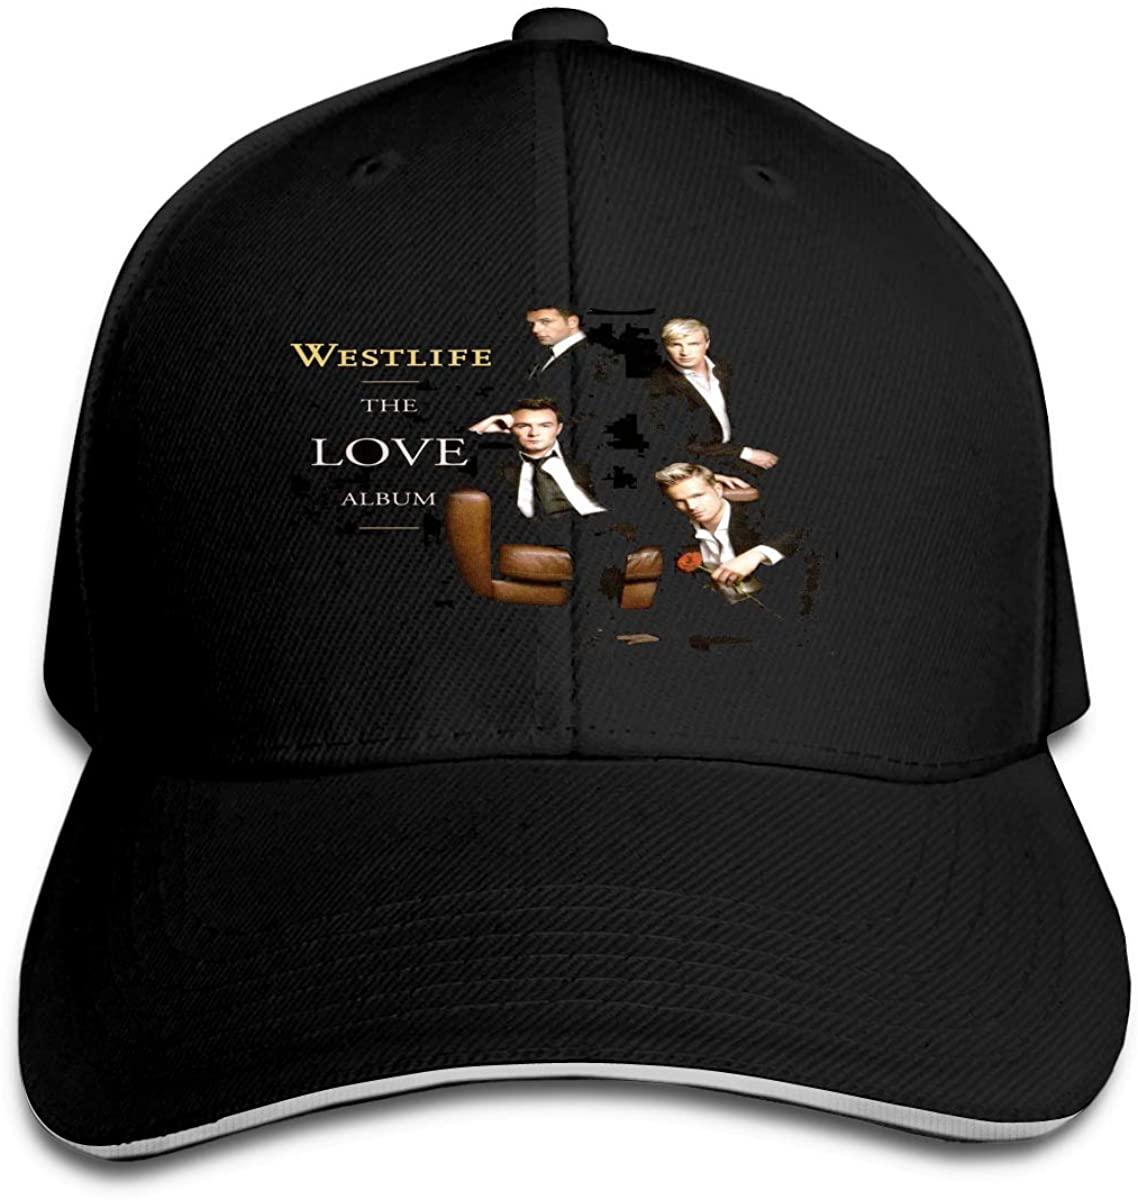 N/C Westlife Men Womens Baseball Cap Washed Cotton Adjustable Hat